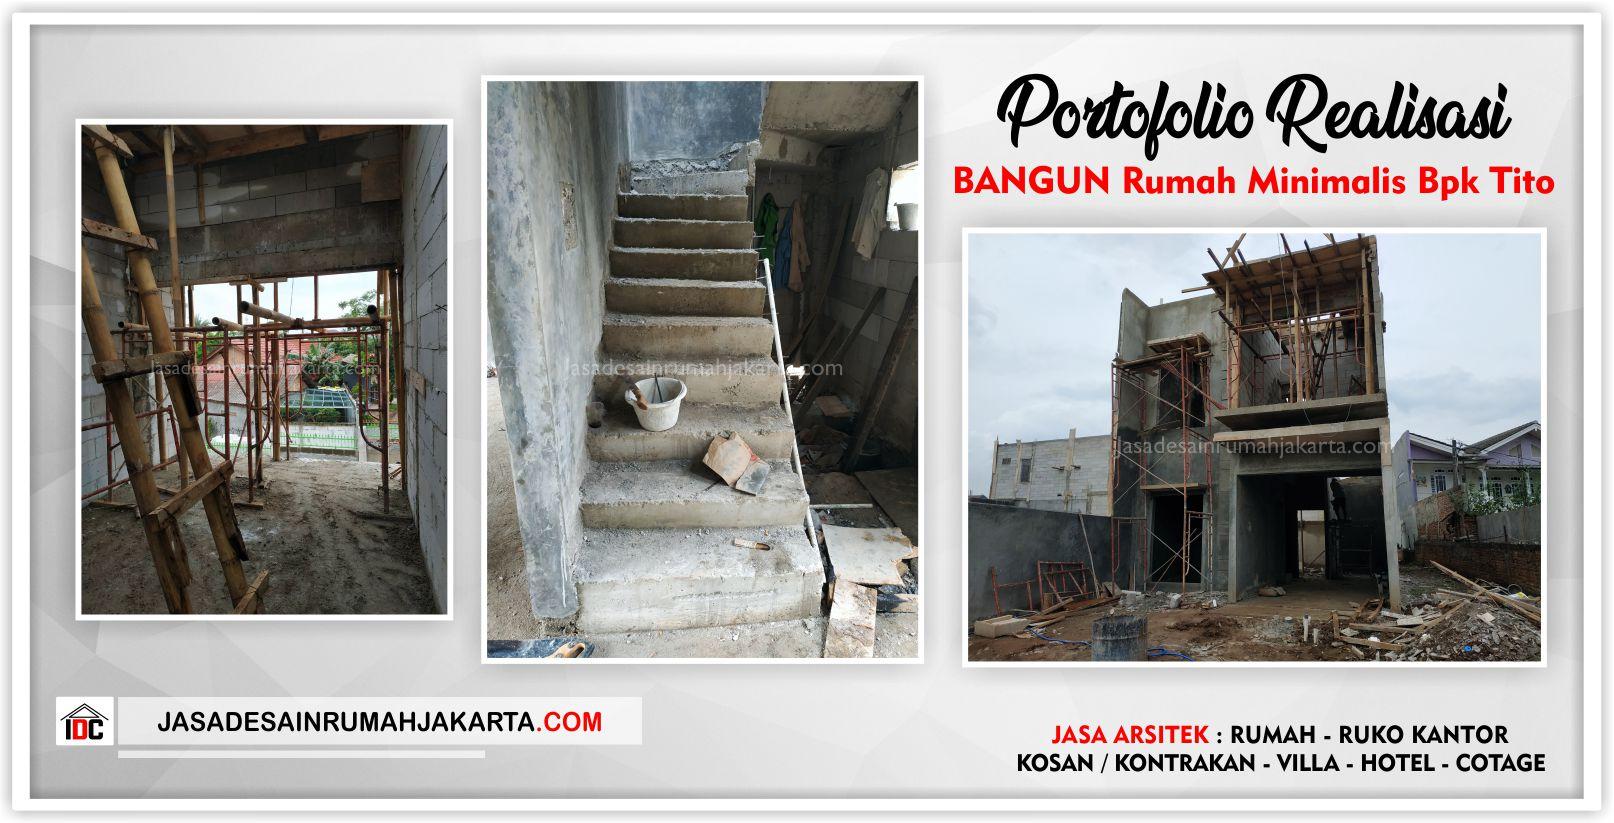 Realisasi Kunjungan Rumah Bpk Tito-Arsitek Gambar Desain Rumah Minimalis Modern Di Bekasi-Jakarta-Surabaya-Tangerang-Jasa Konsultan Desain Arsitek Profesional 1